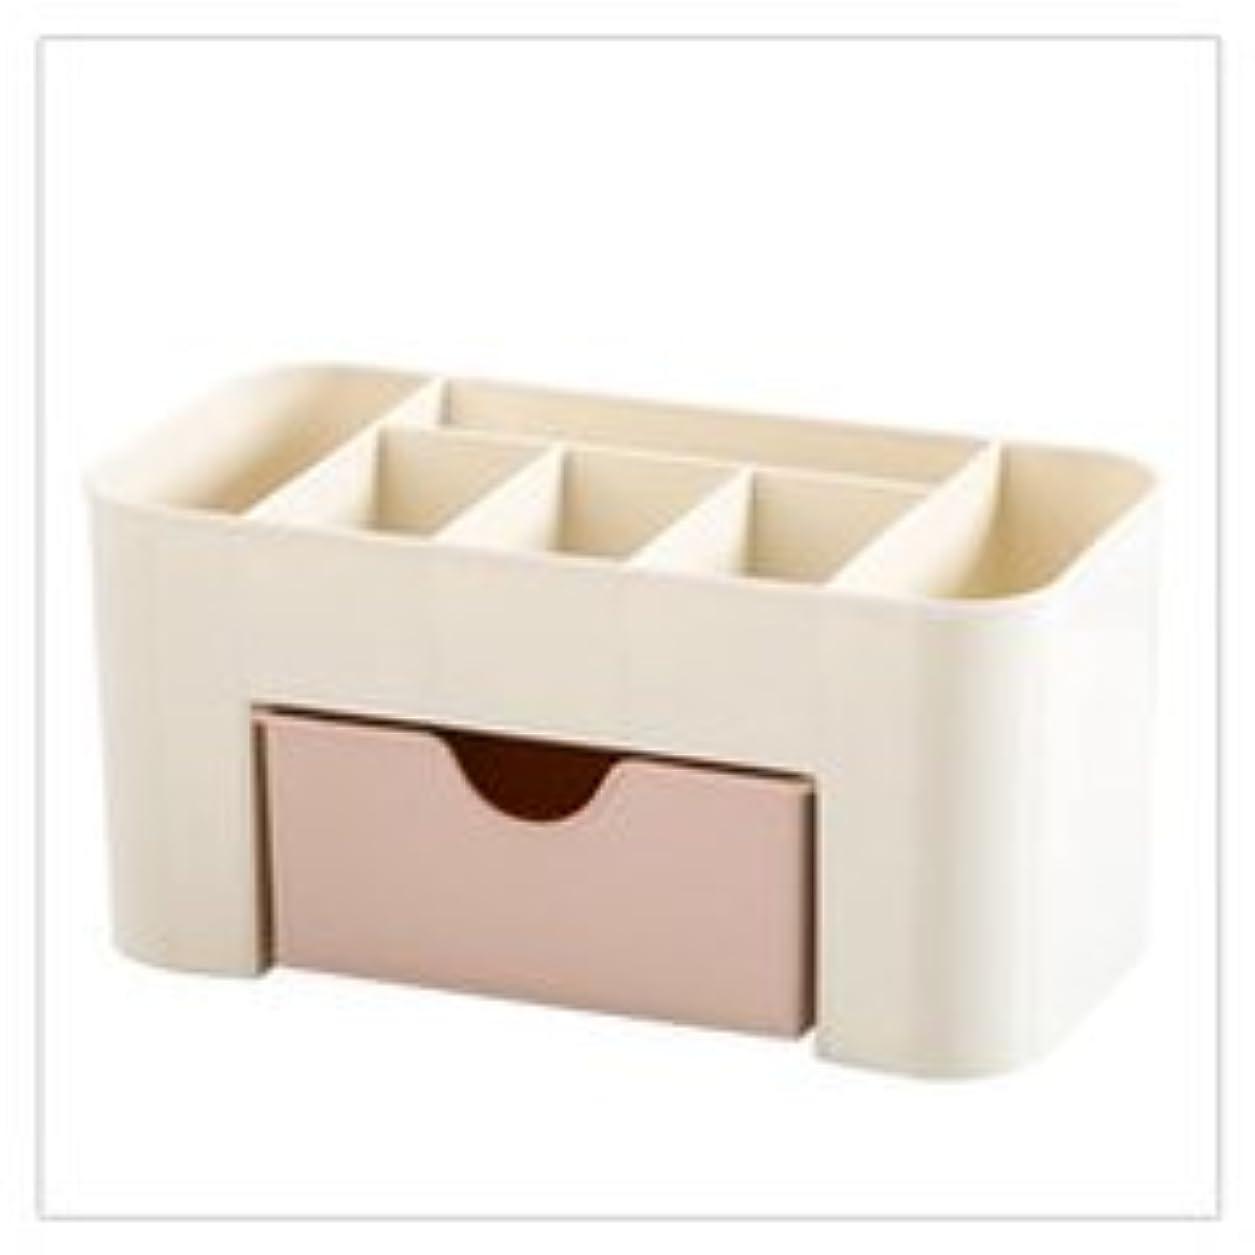 モディッシュ浮浪者告発者化粧品収納ボックス化粧品引き出し仕上げボックスデスクトップジュエリースキンケアパックフレームドレッサー (Color : ピンク)